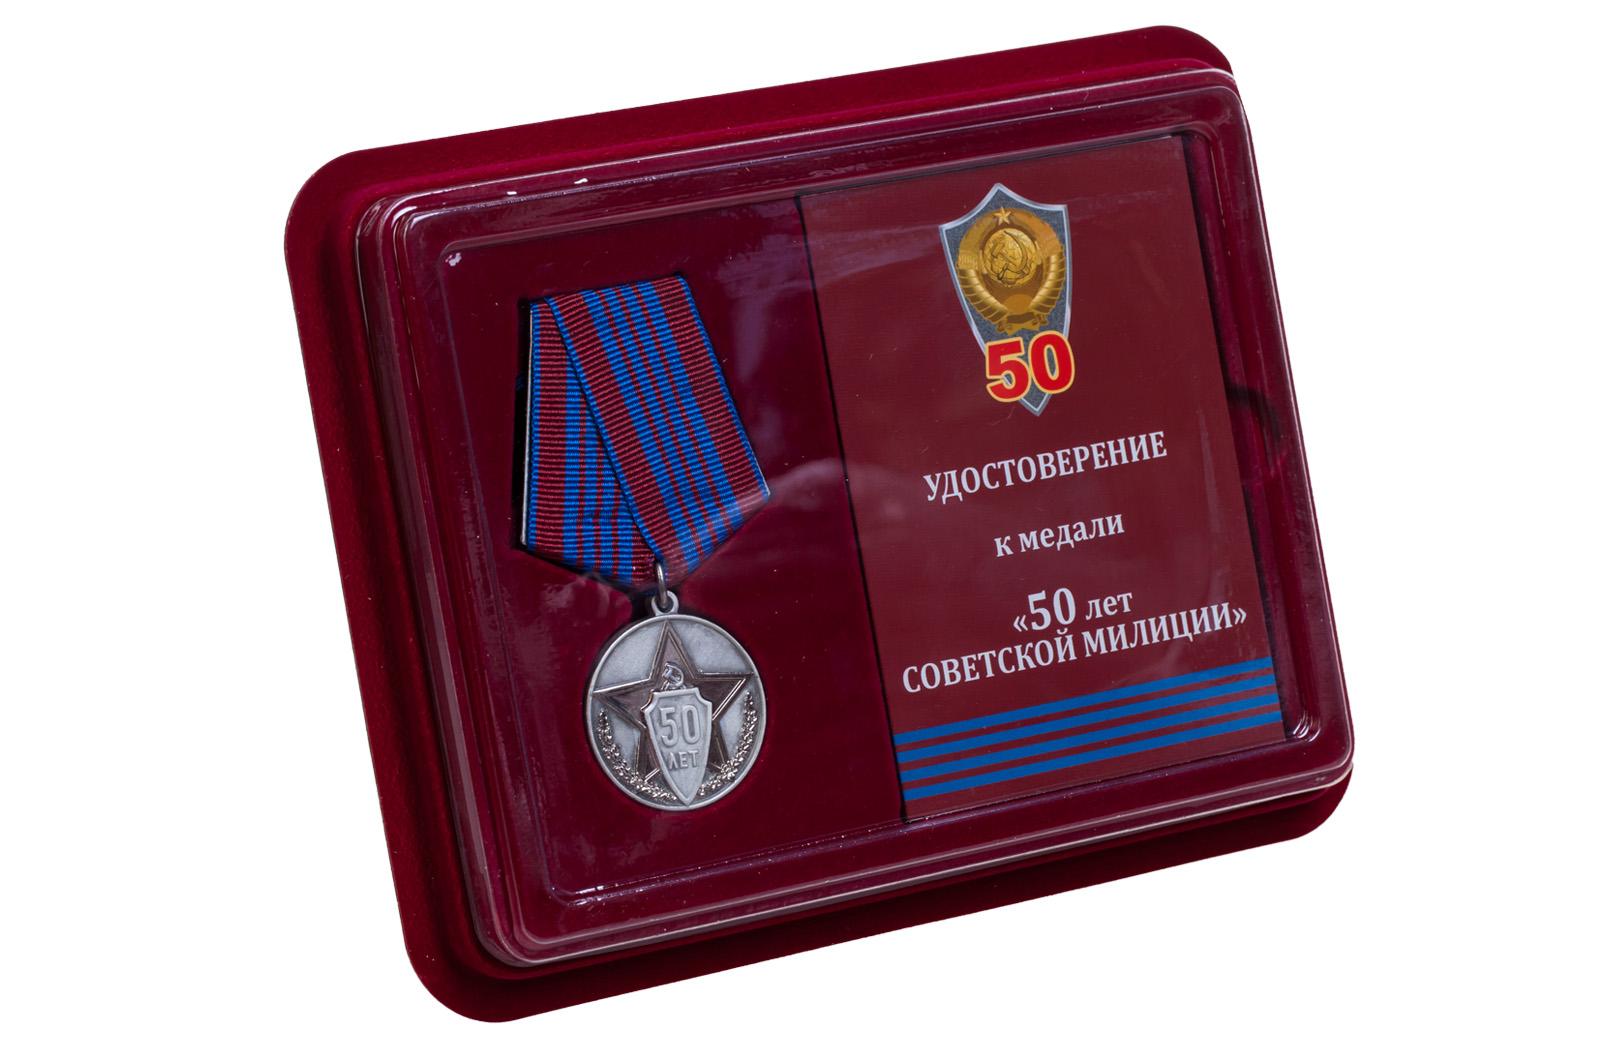 Купить памятную медаль 50 лет советской милиции с доставкой